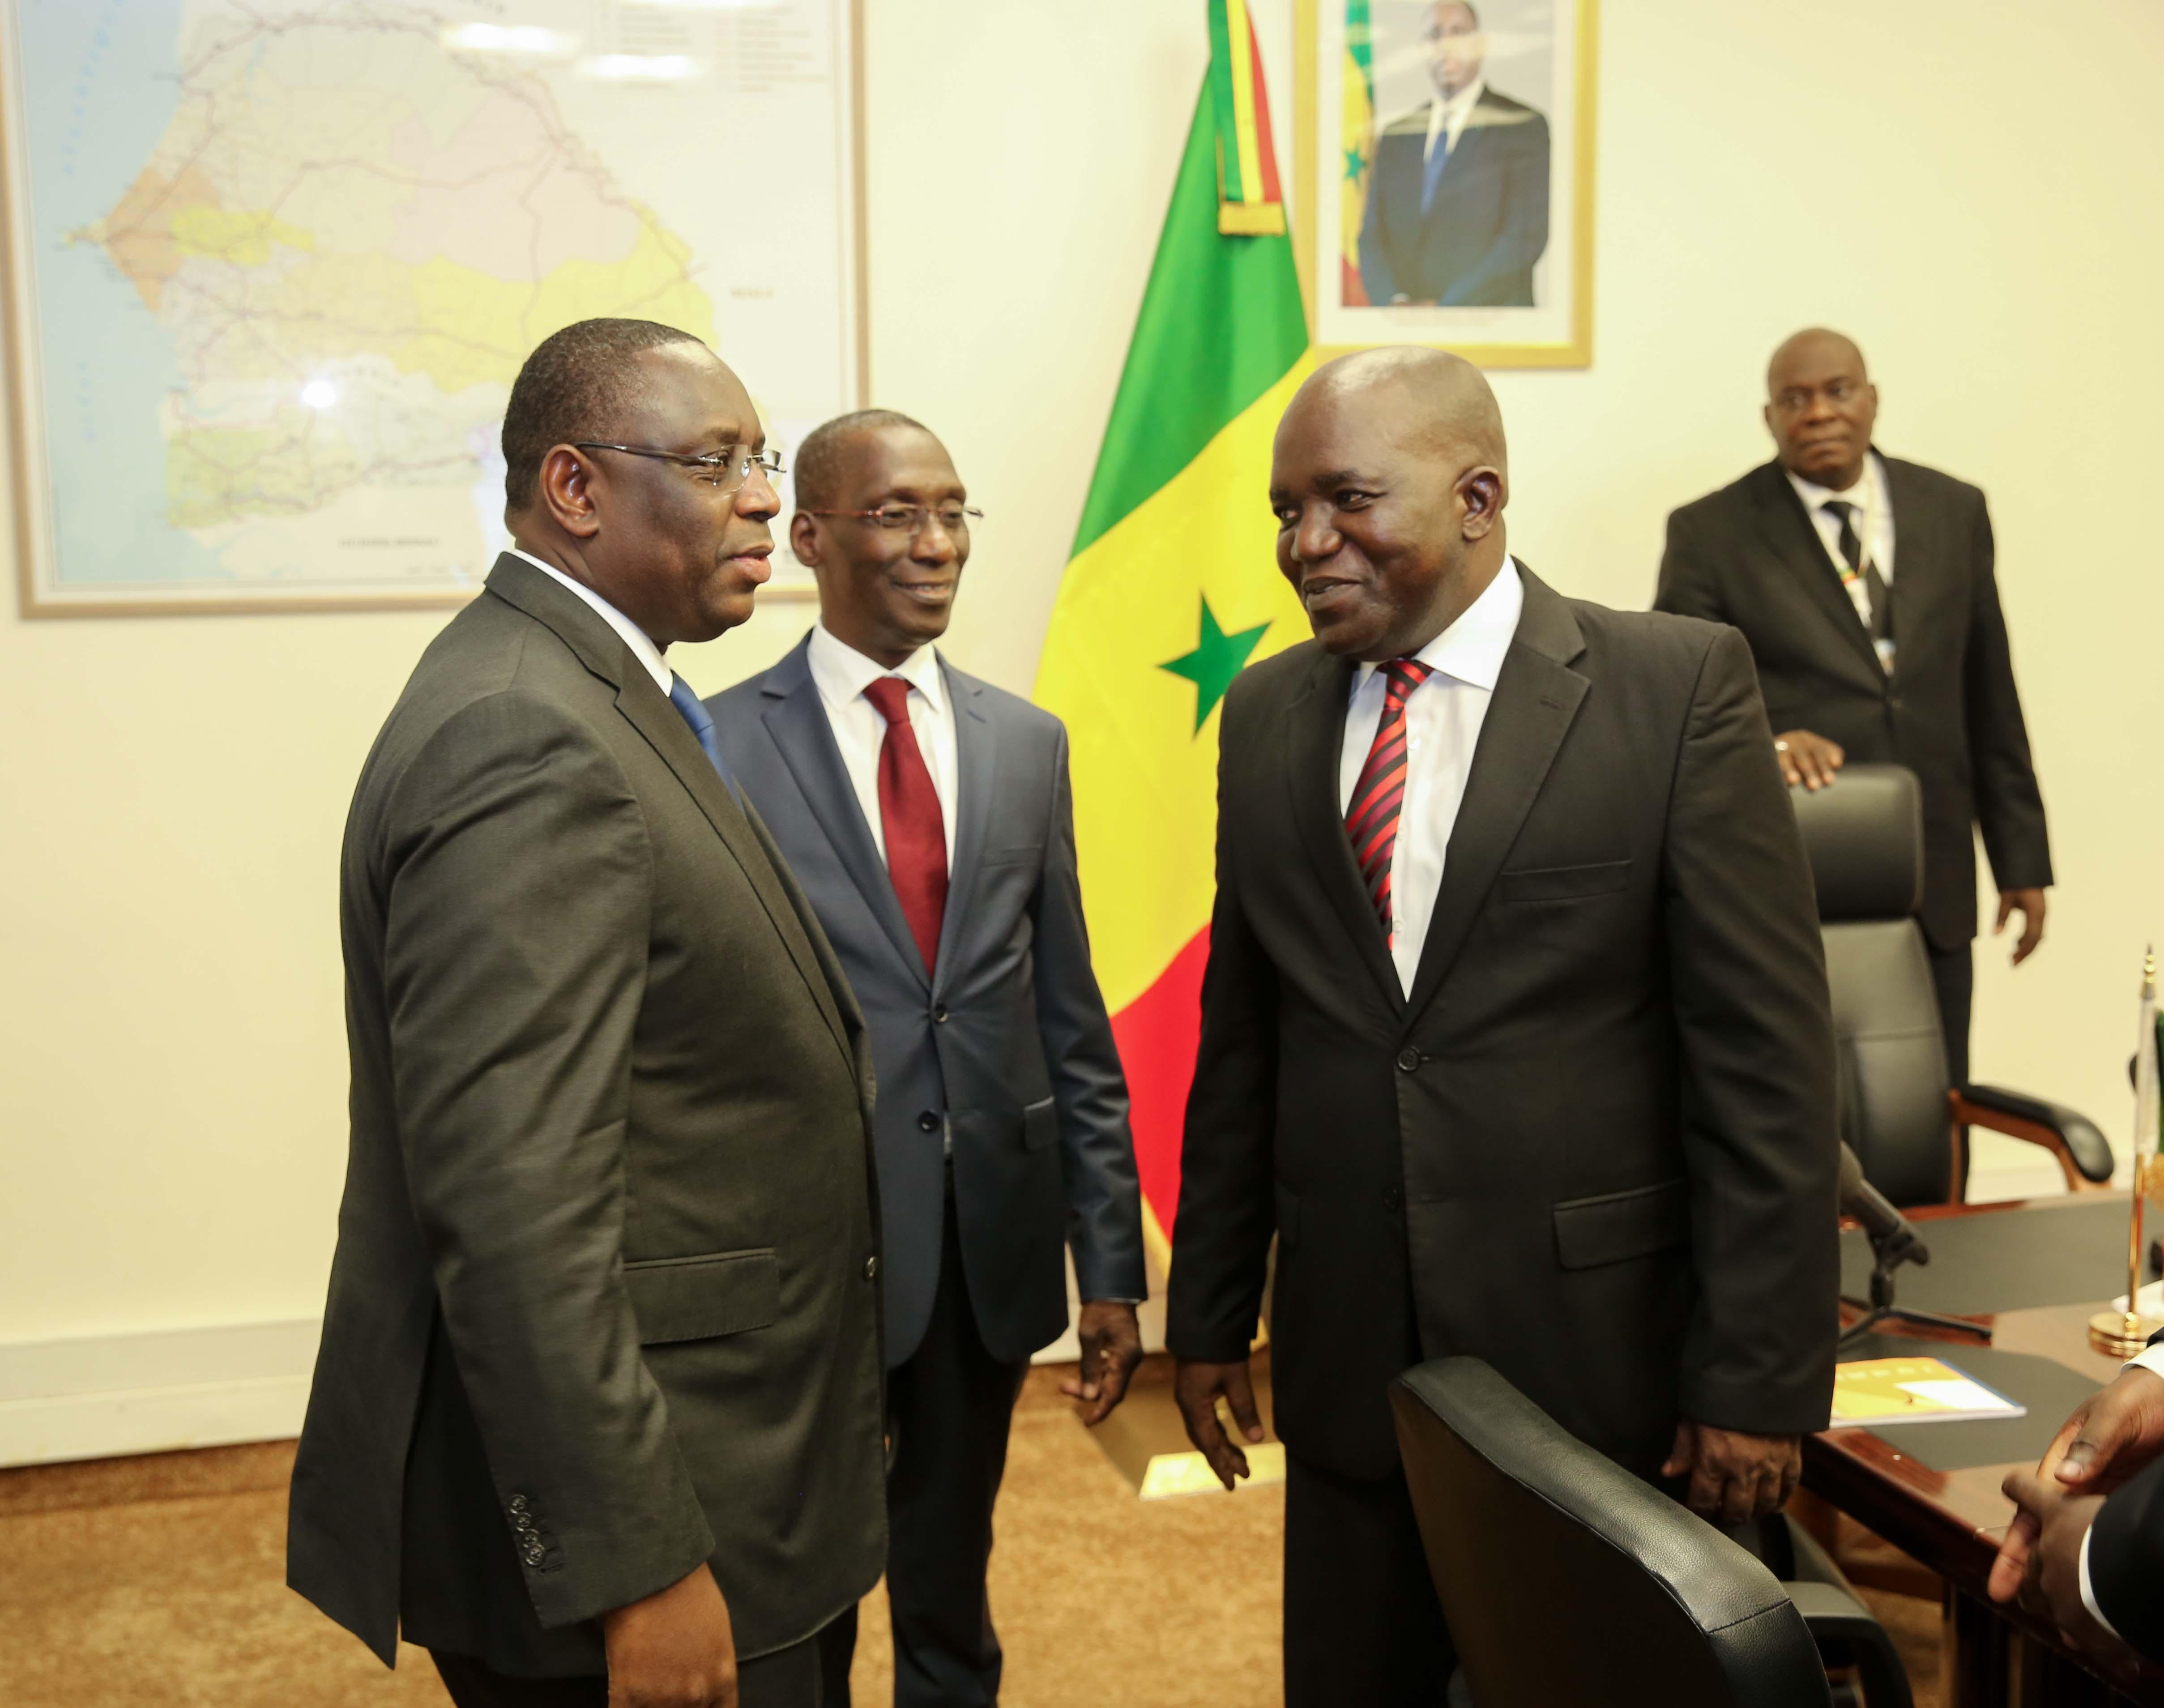 Pour Mamadou Diop Decroix, avec les élections législatives de juillet 2017, le Sénégal s'apprête à amorcer un tournant décisif dans son histoire tant au plan politique qu'aux plans institutionnel, économique, social et culturel.